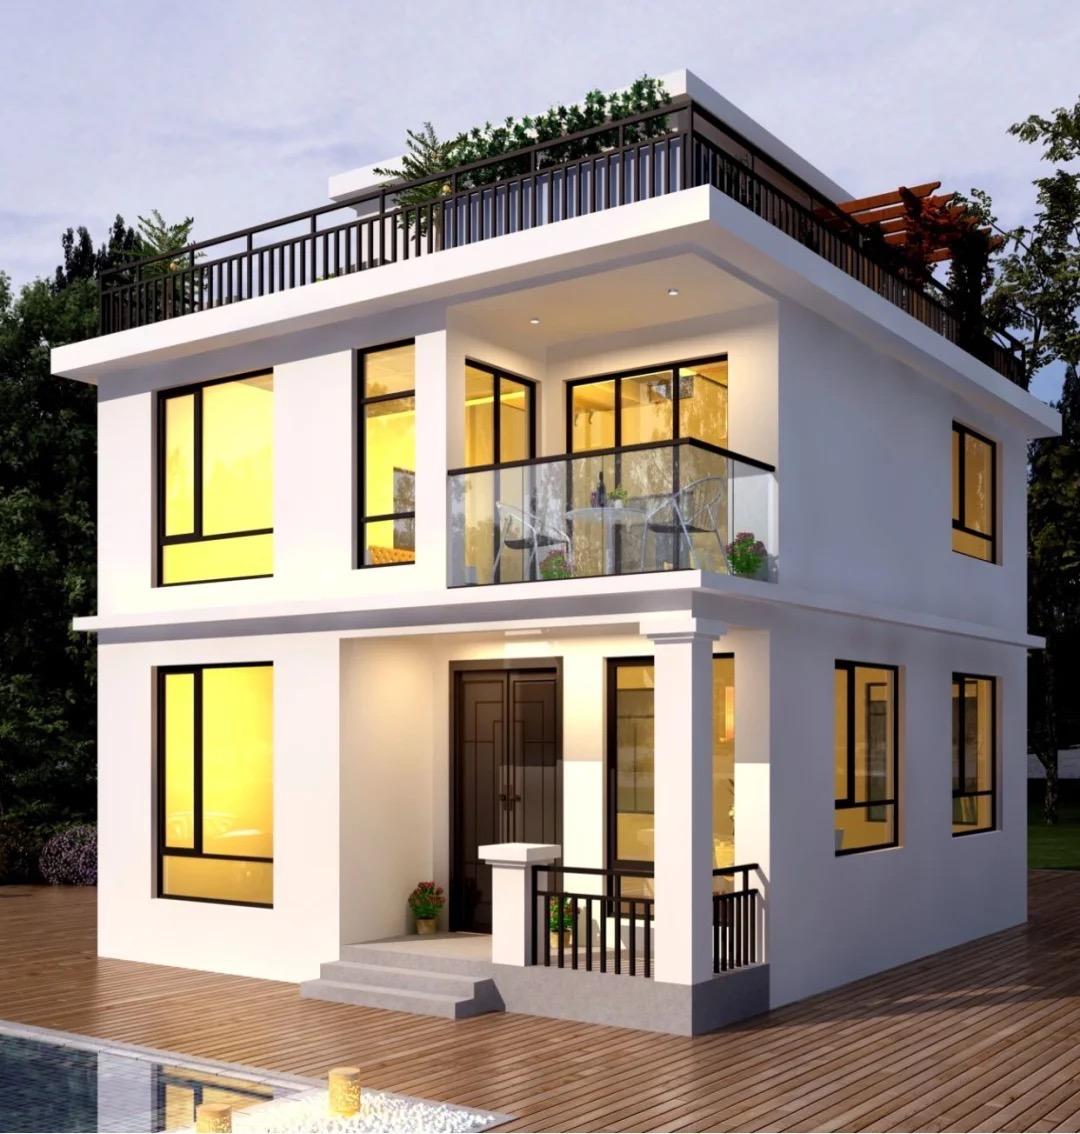 自建房户型太小?这样设计既实用又美观!